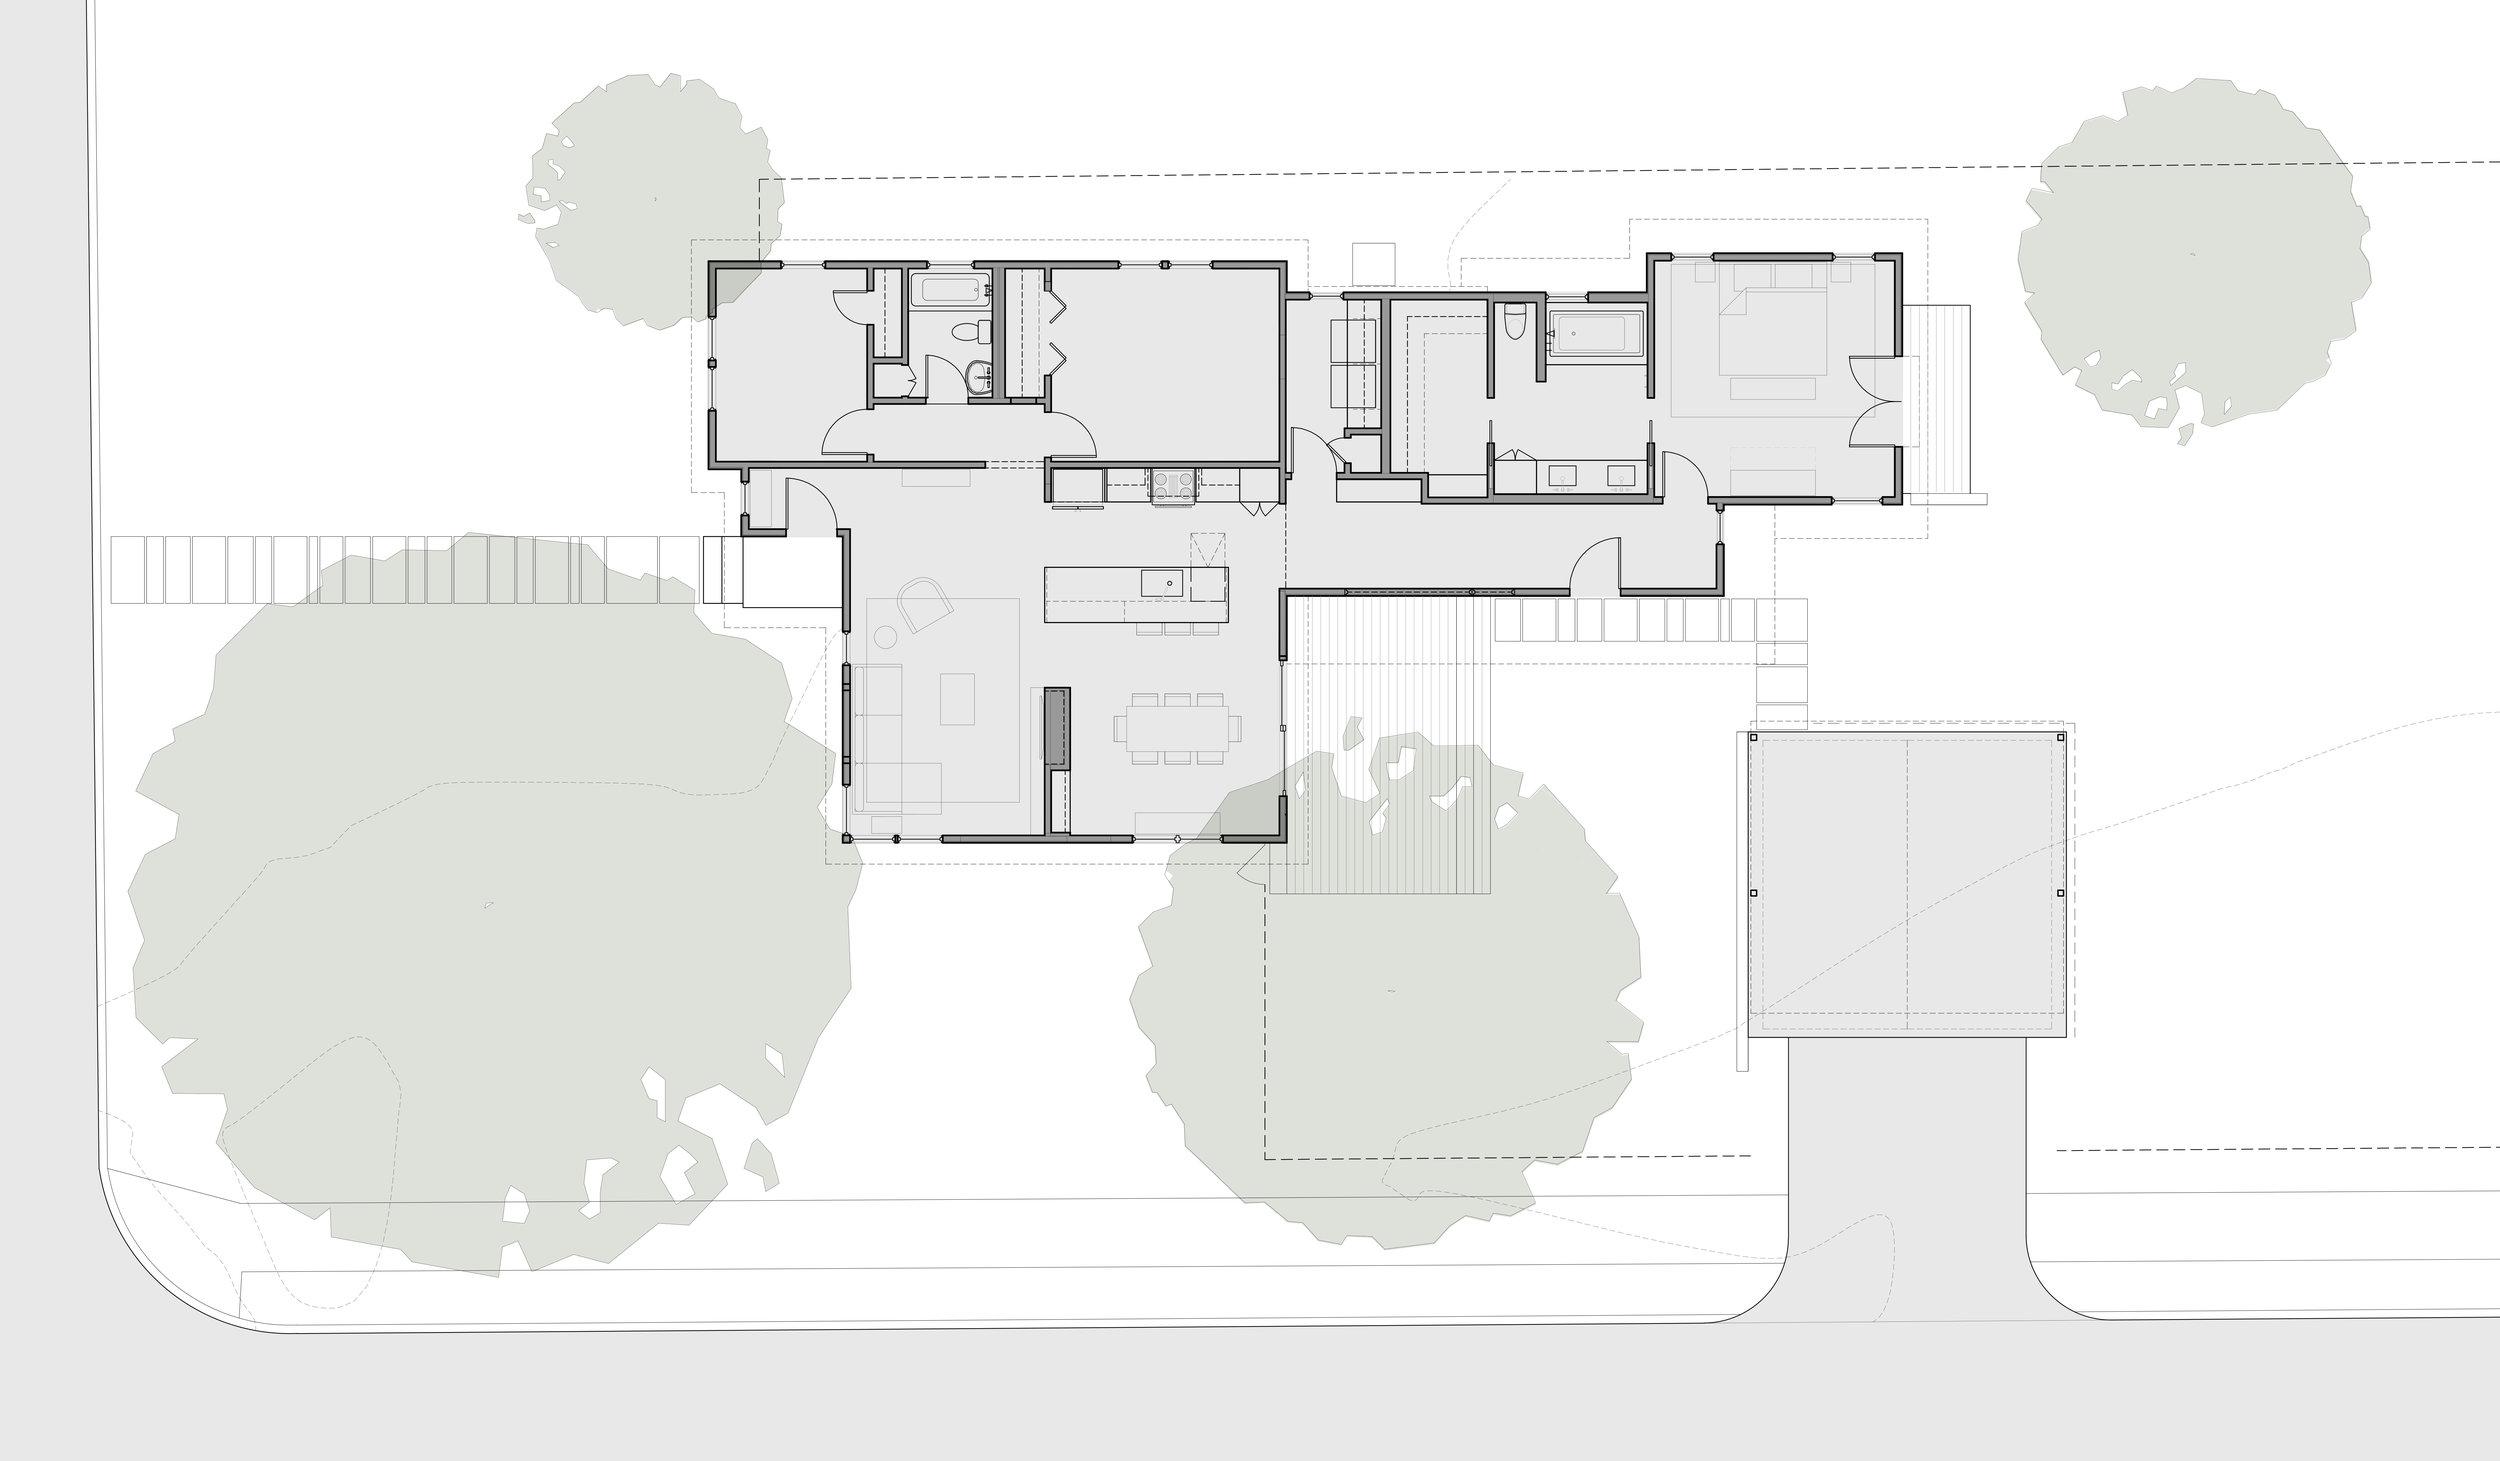 Collier St Site Plan Render.jpg